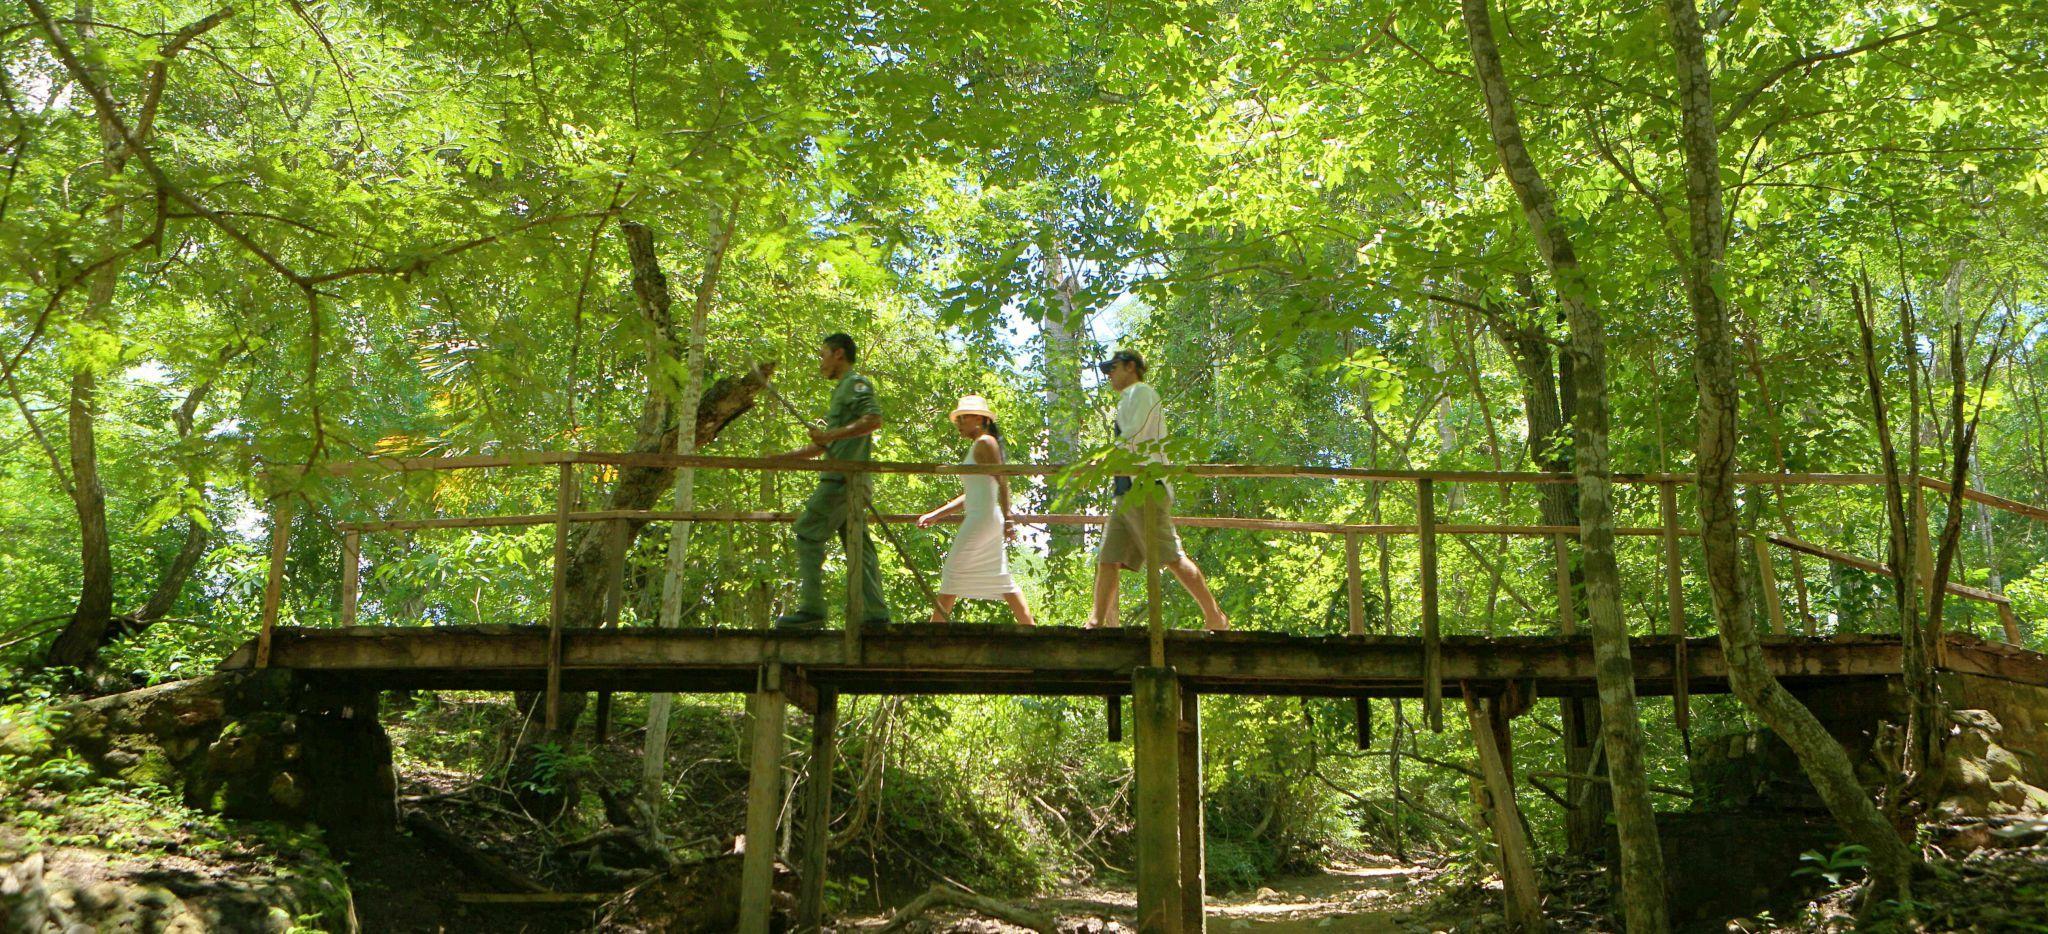 Touristen überqueren eine Brücke über ein Flussbett im Indonesischen Dschungel